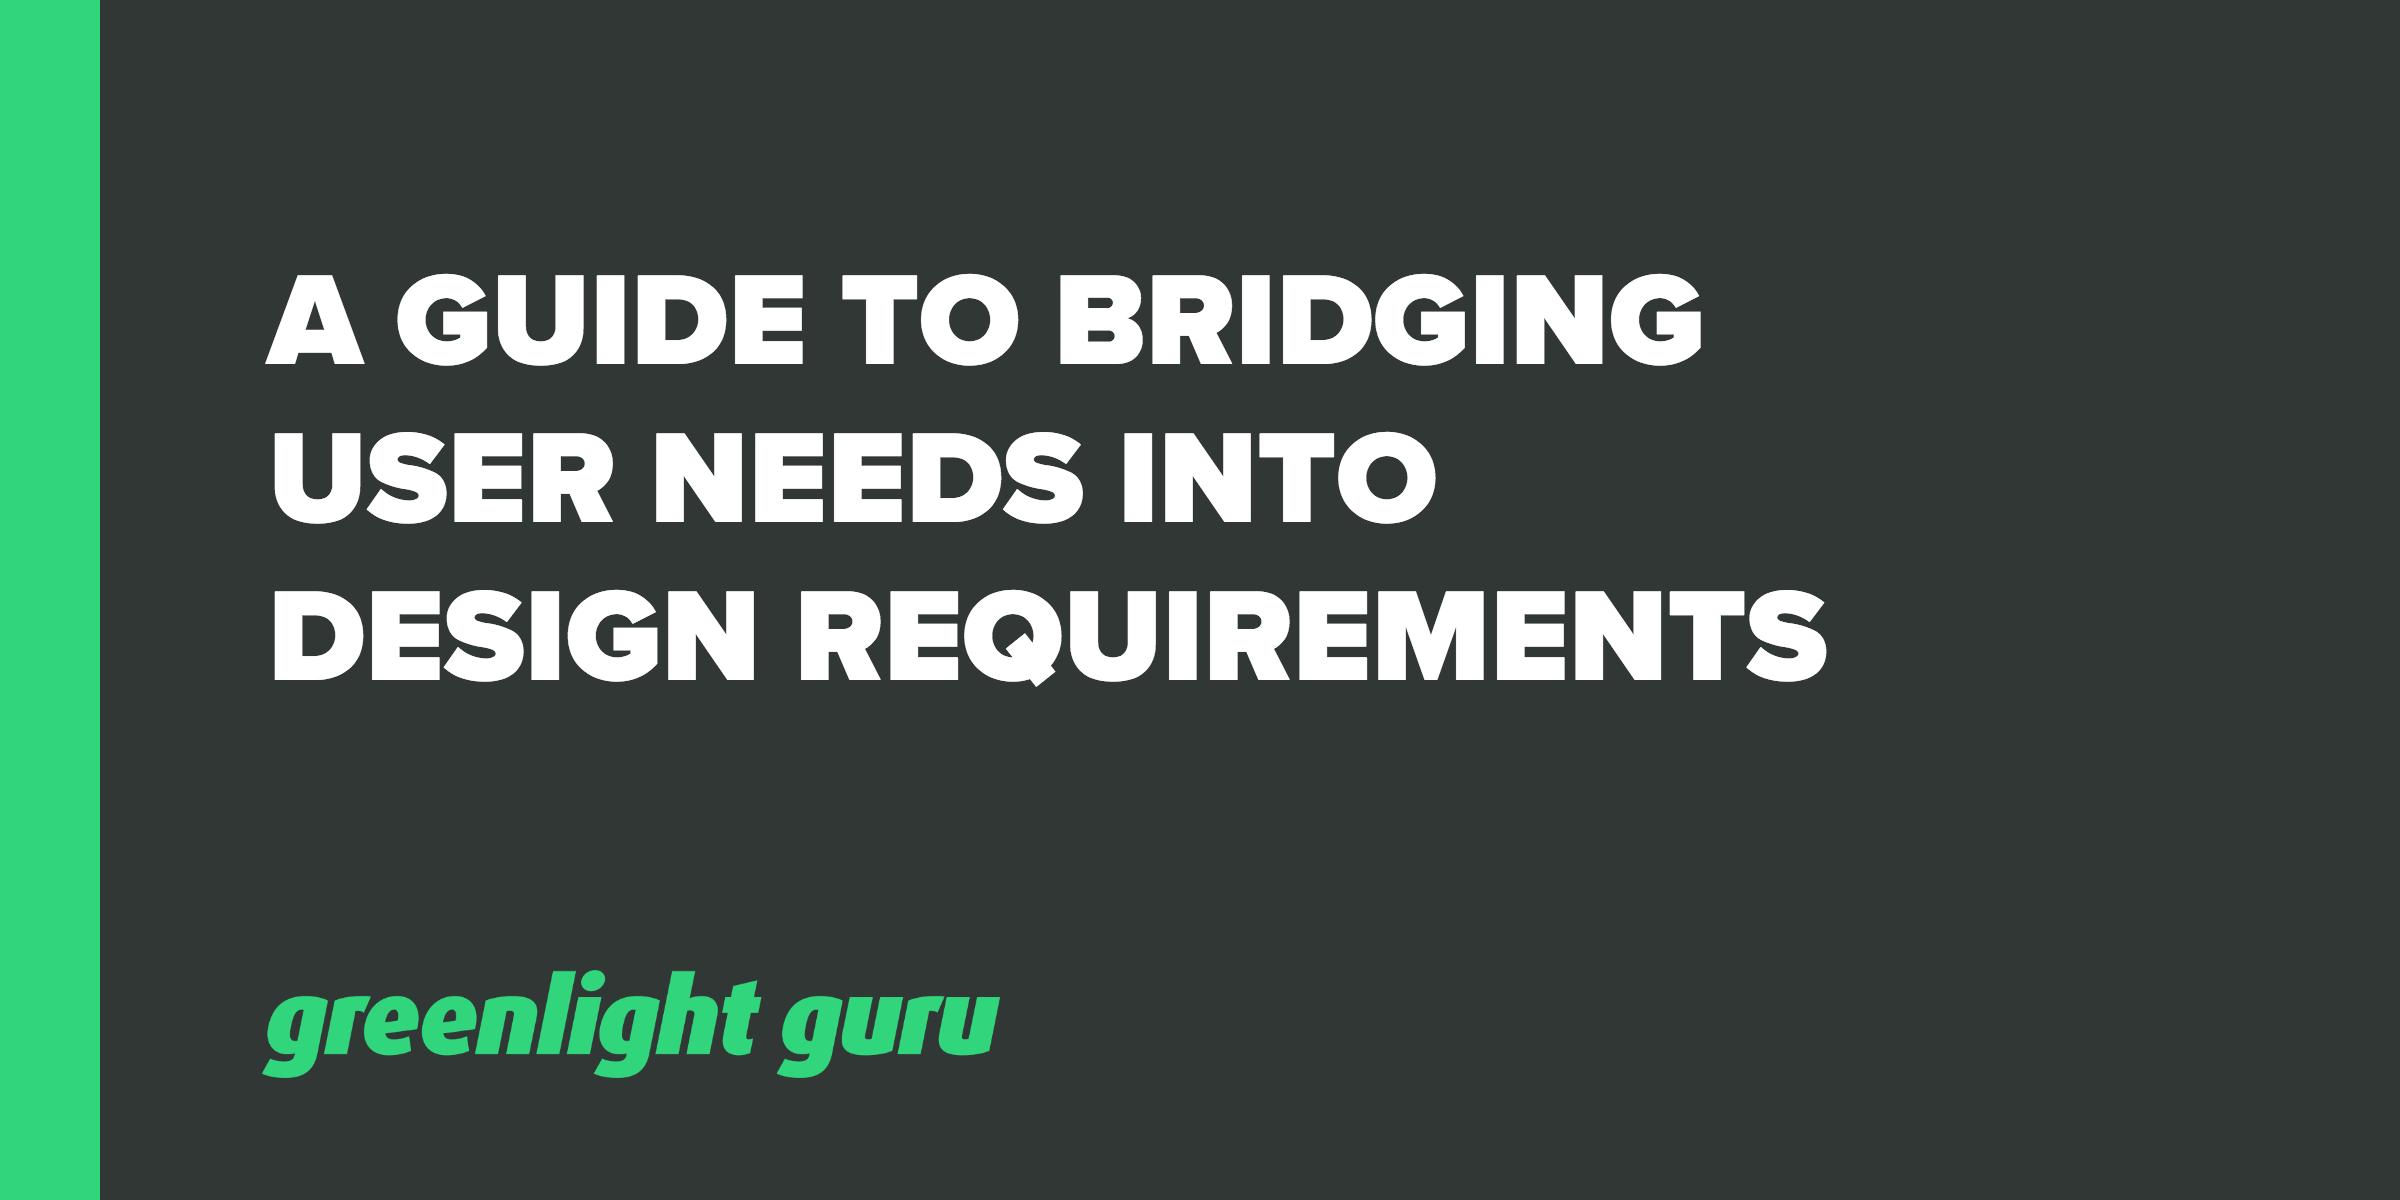 user_needs_design_requirements-1